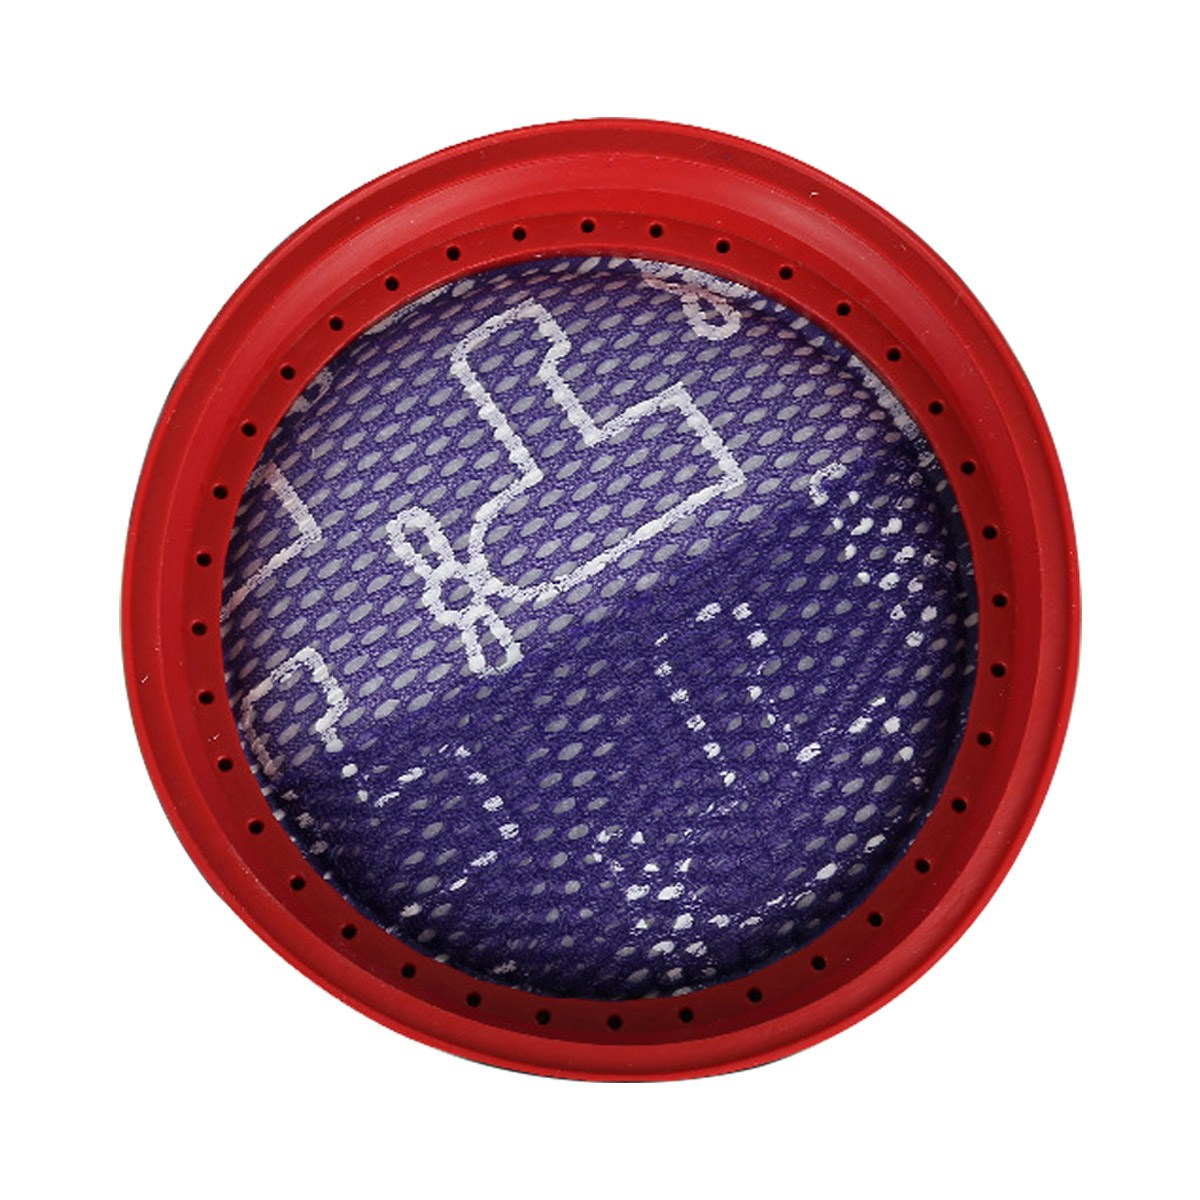 디베아 청소기 필터 C17 D18 DW200 M500 2매, 디베아 청소기 필터 D18 2매